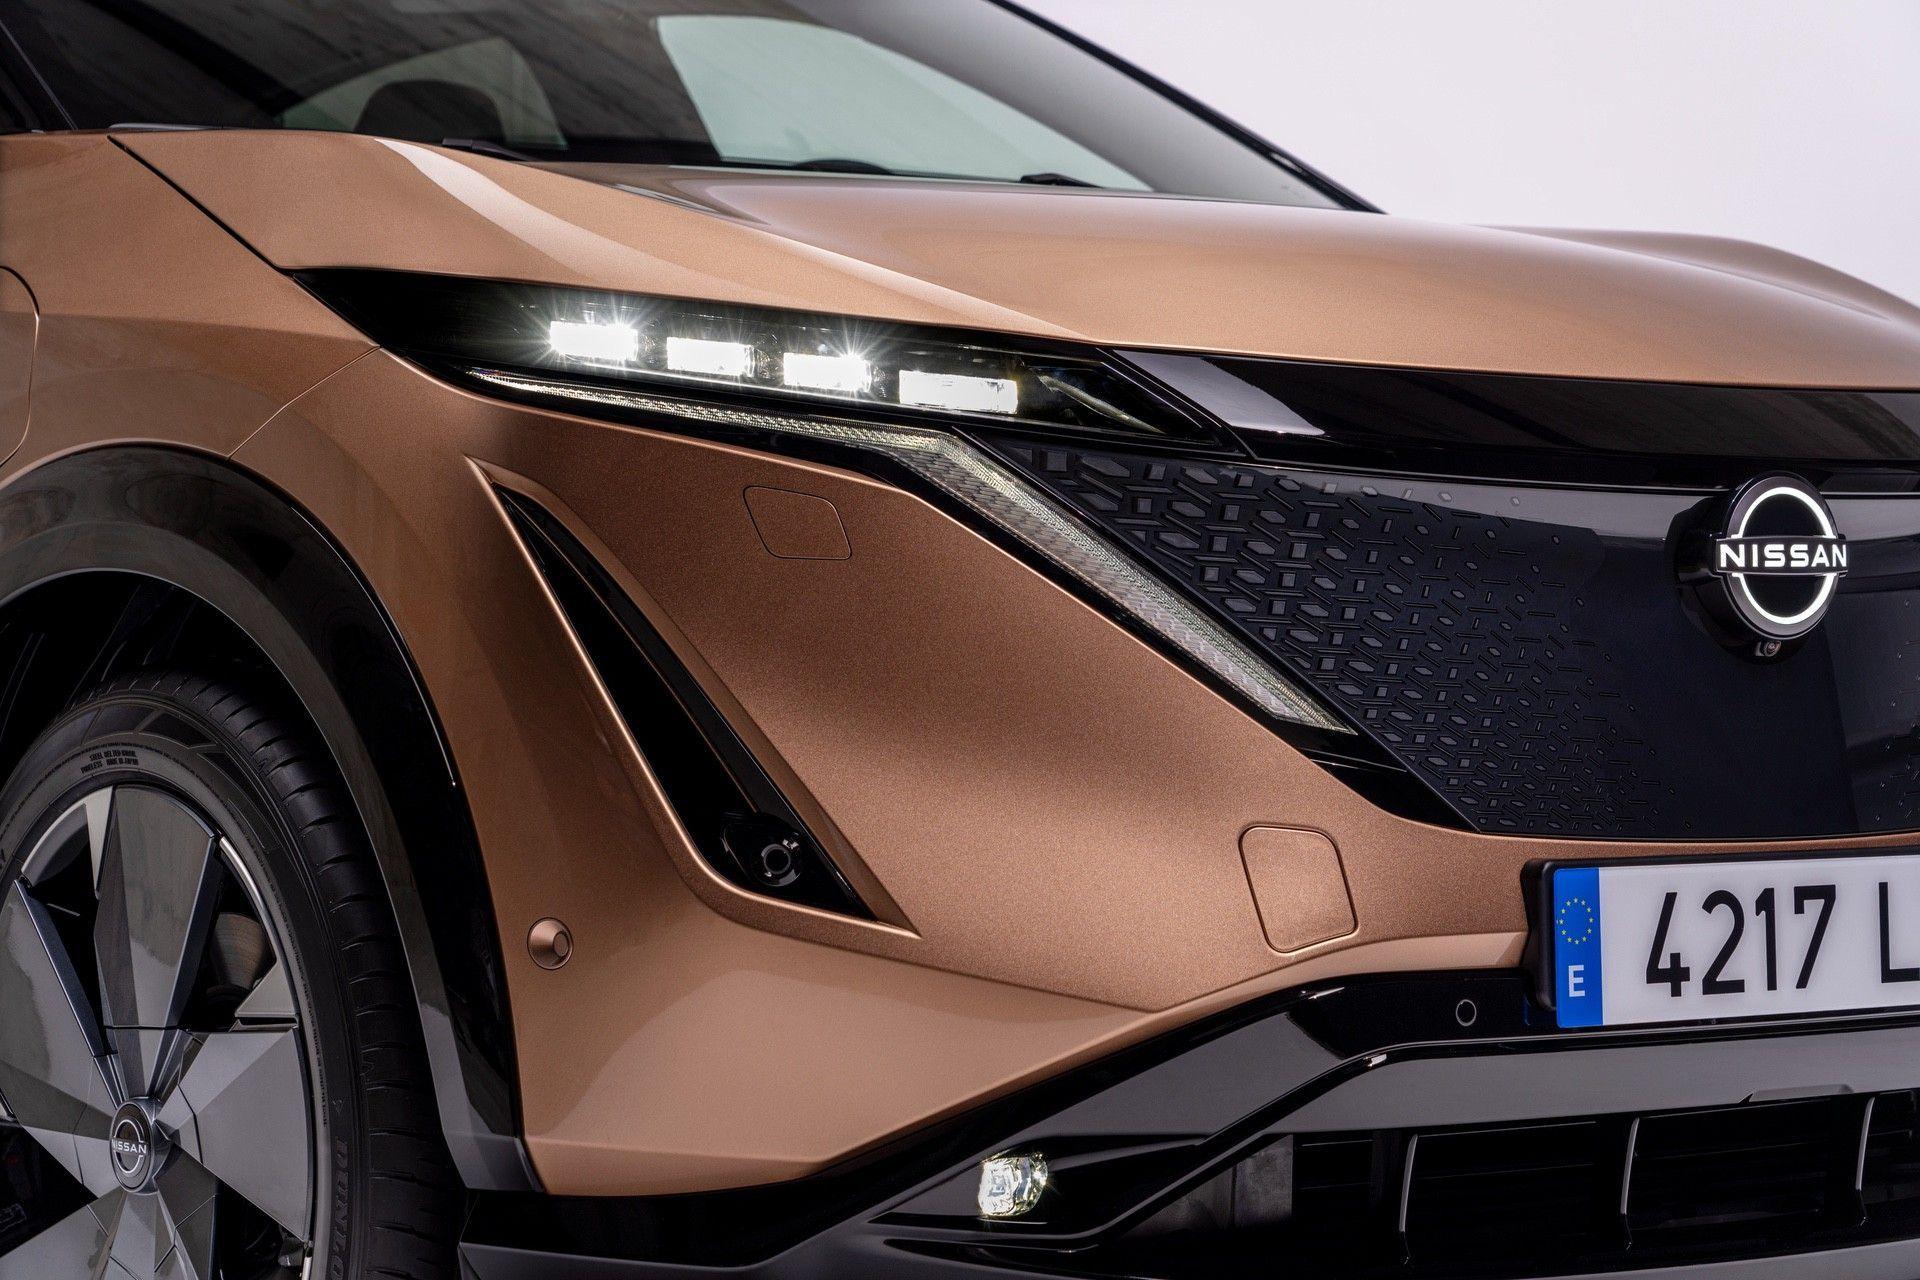 NissanAriya_Static_1_2021.JPG